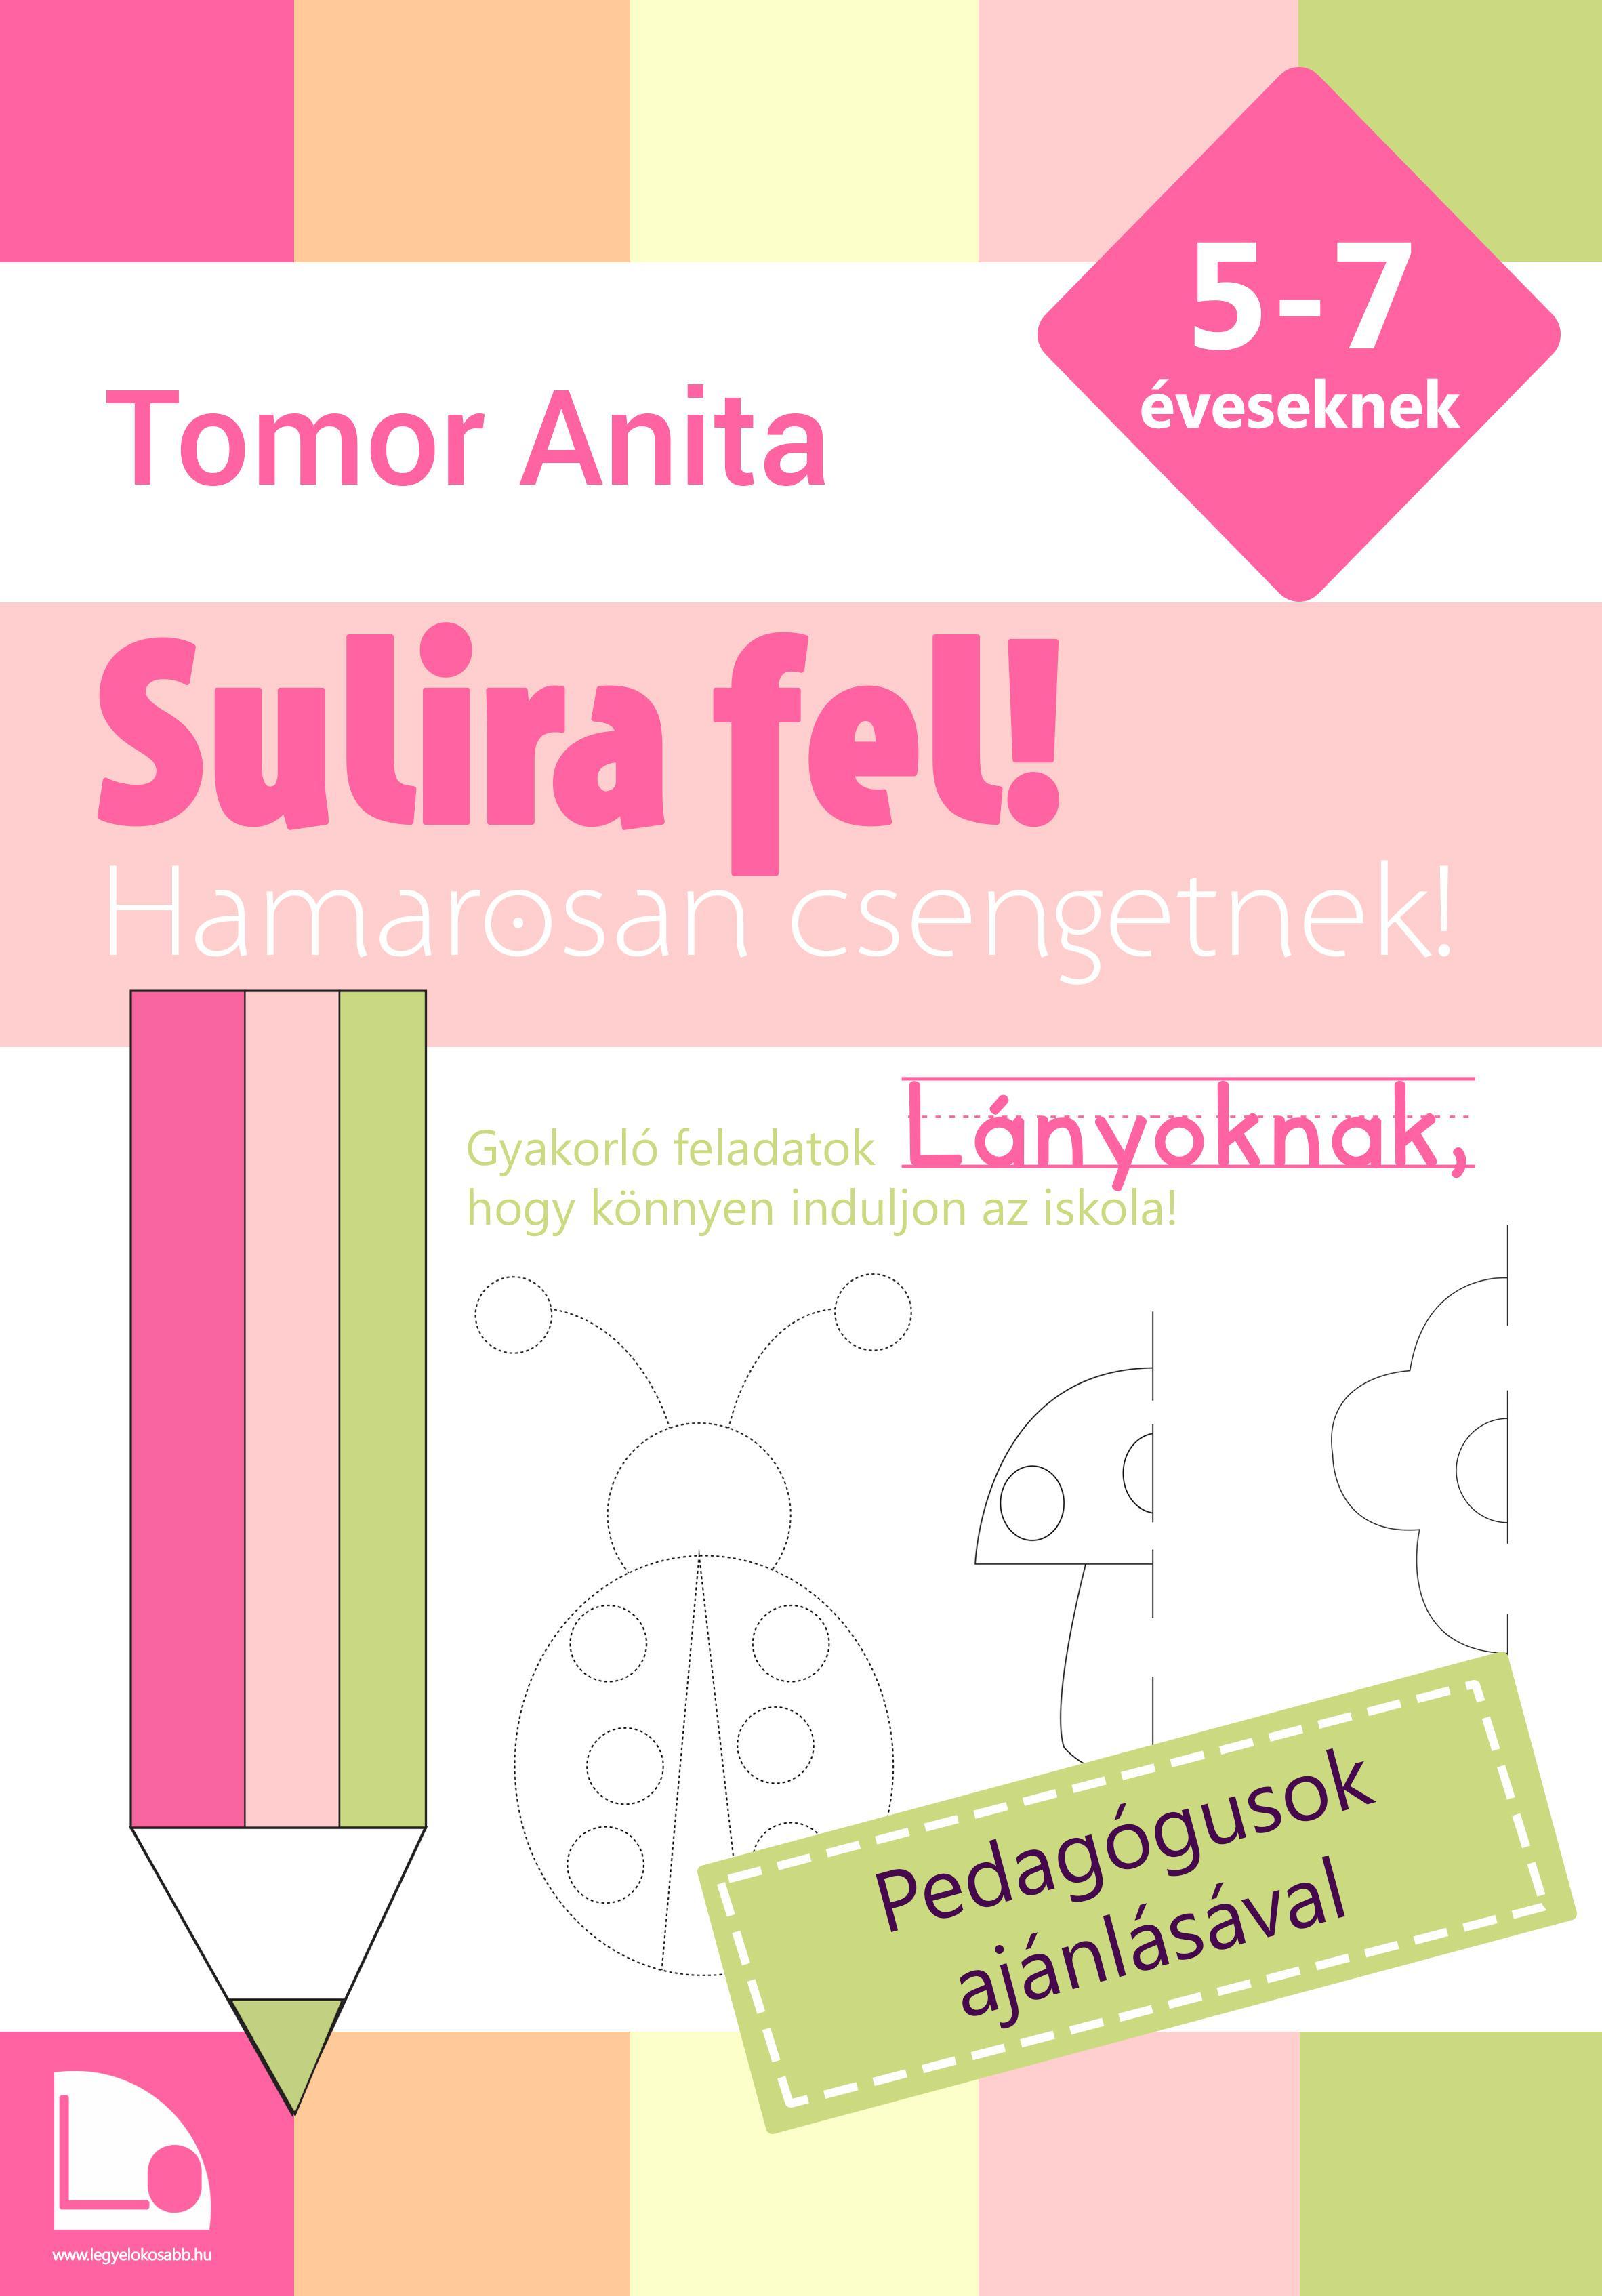 SULIRA FEL! - LÁNYOKNAK